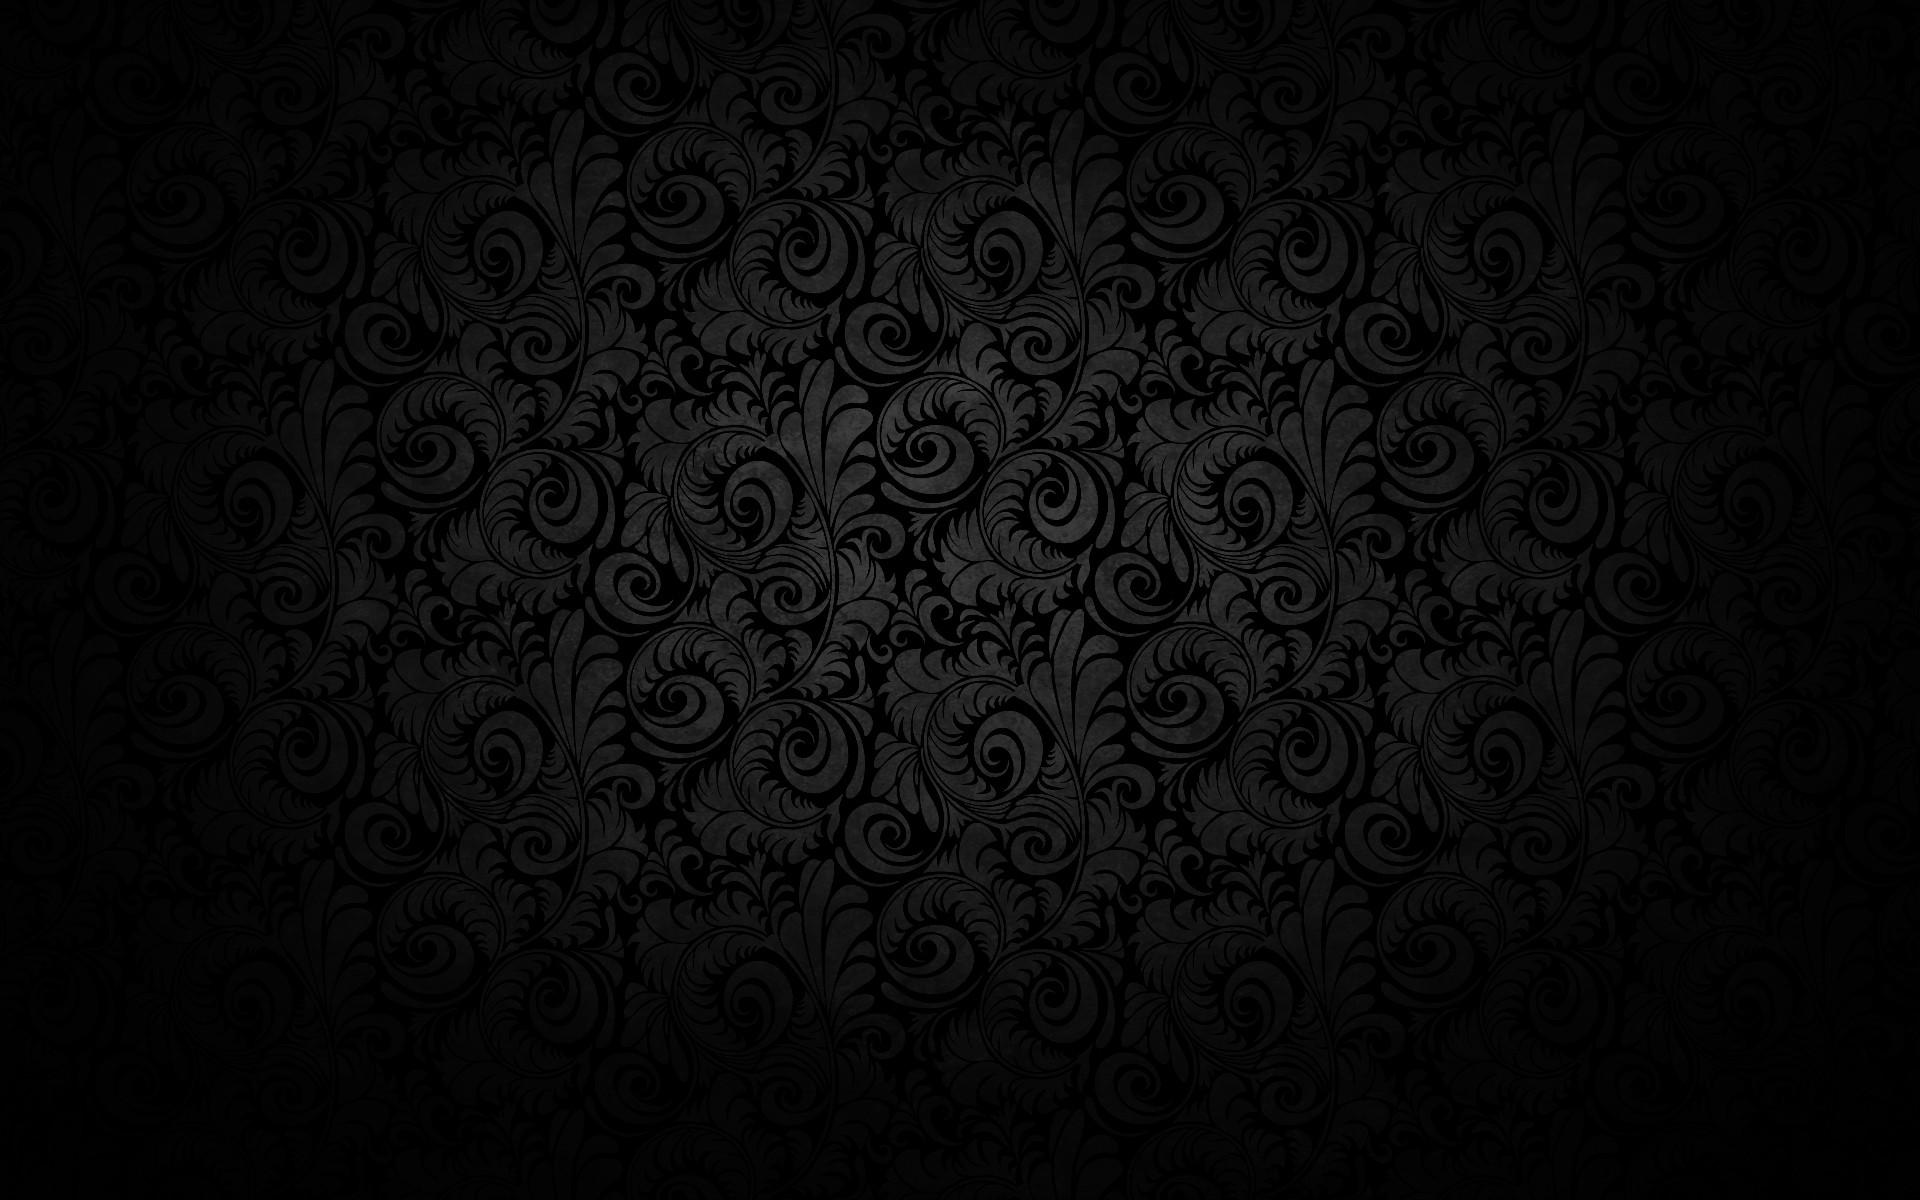 Dark Cool Wallpaper 73 Images